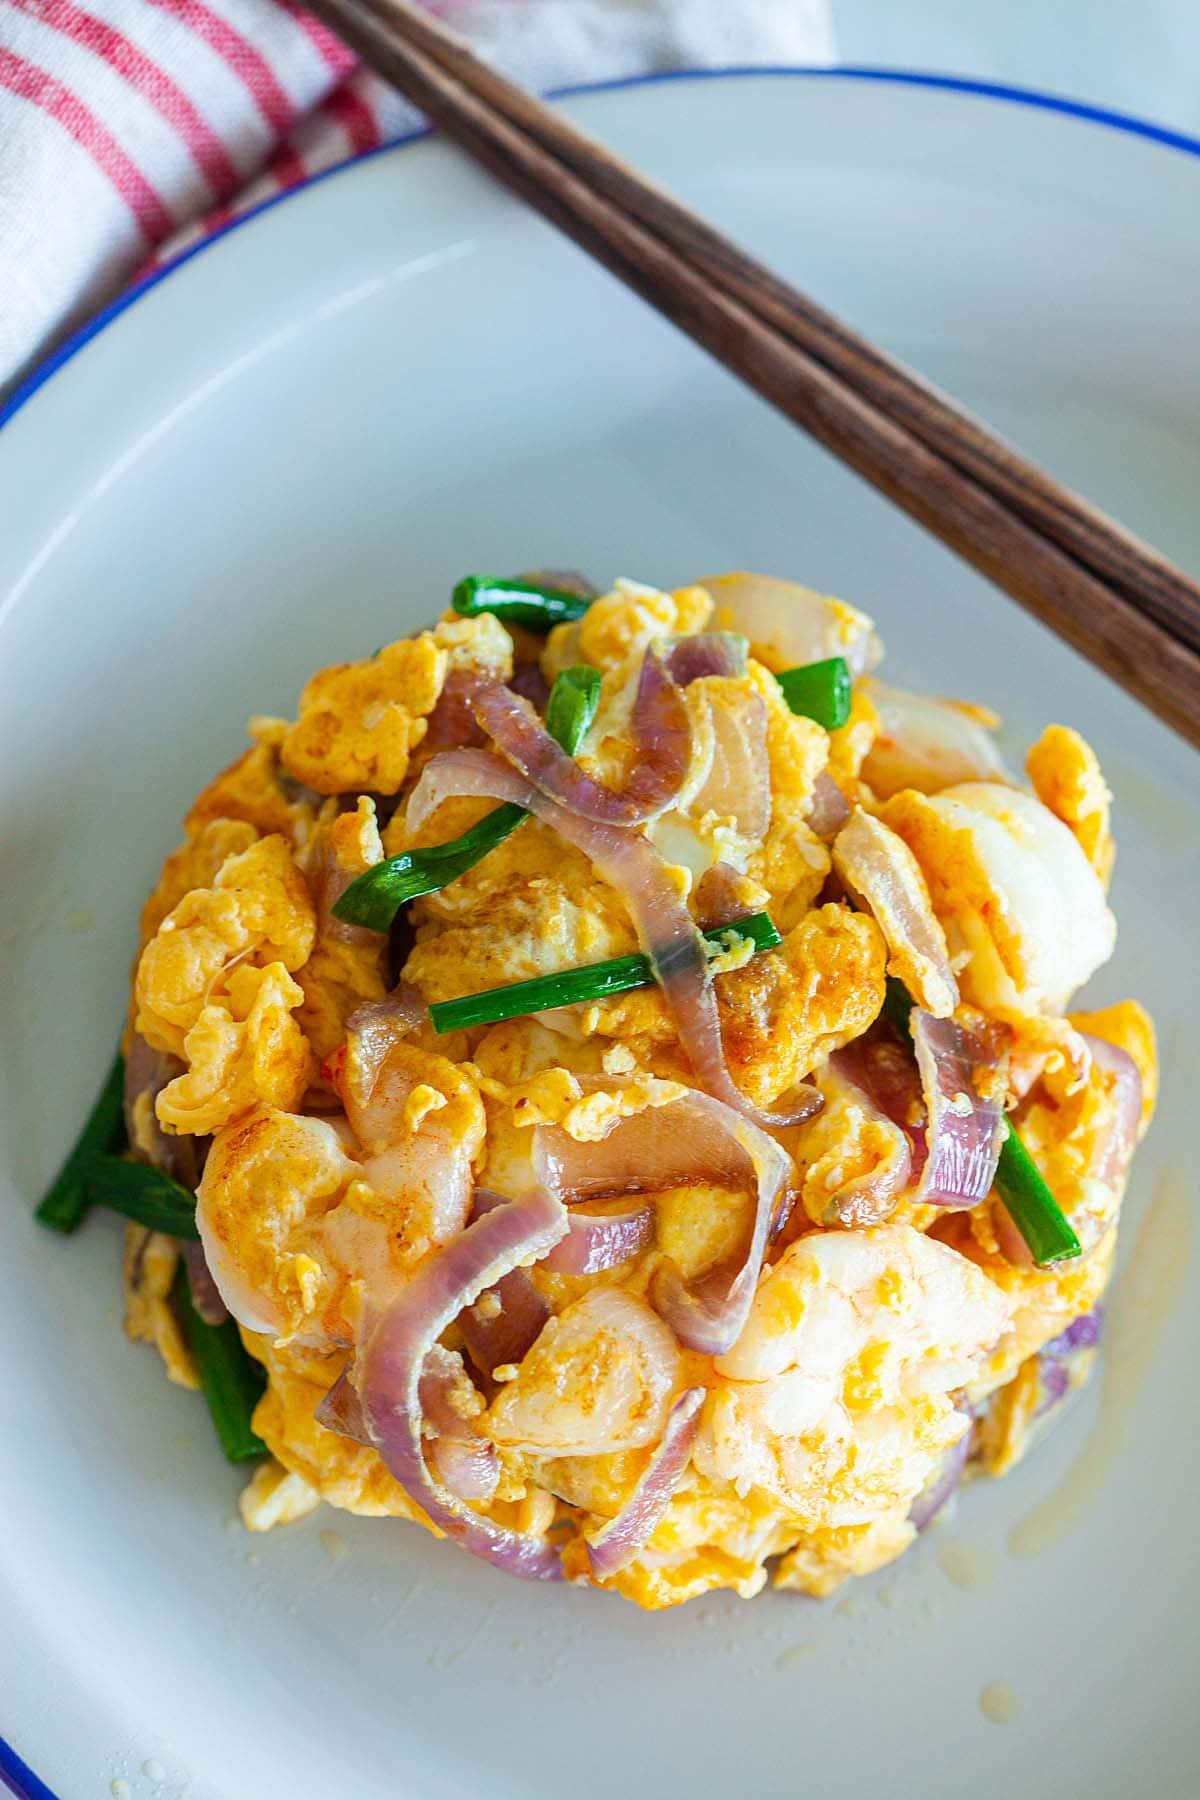 Shrimp omelette, ready to serve.